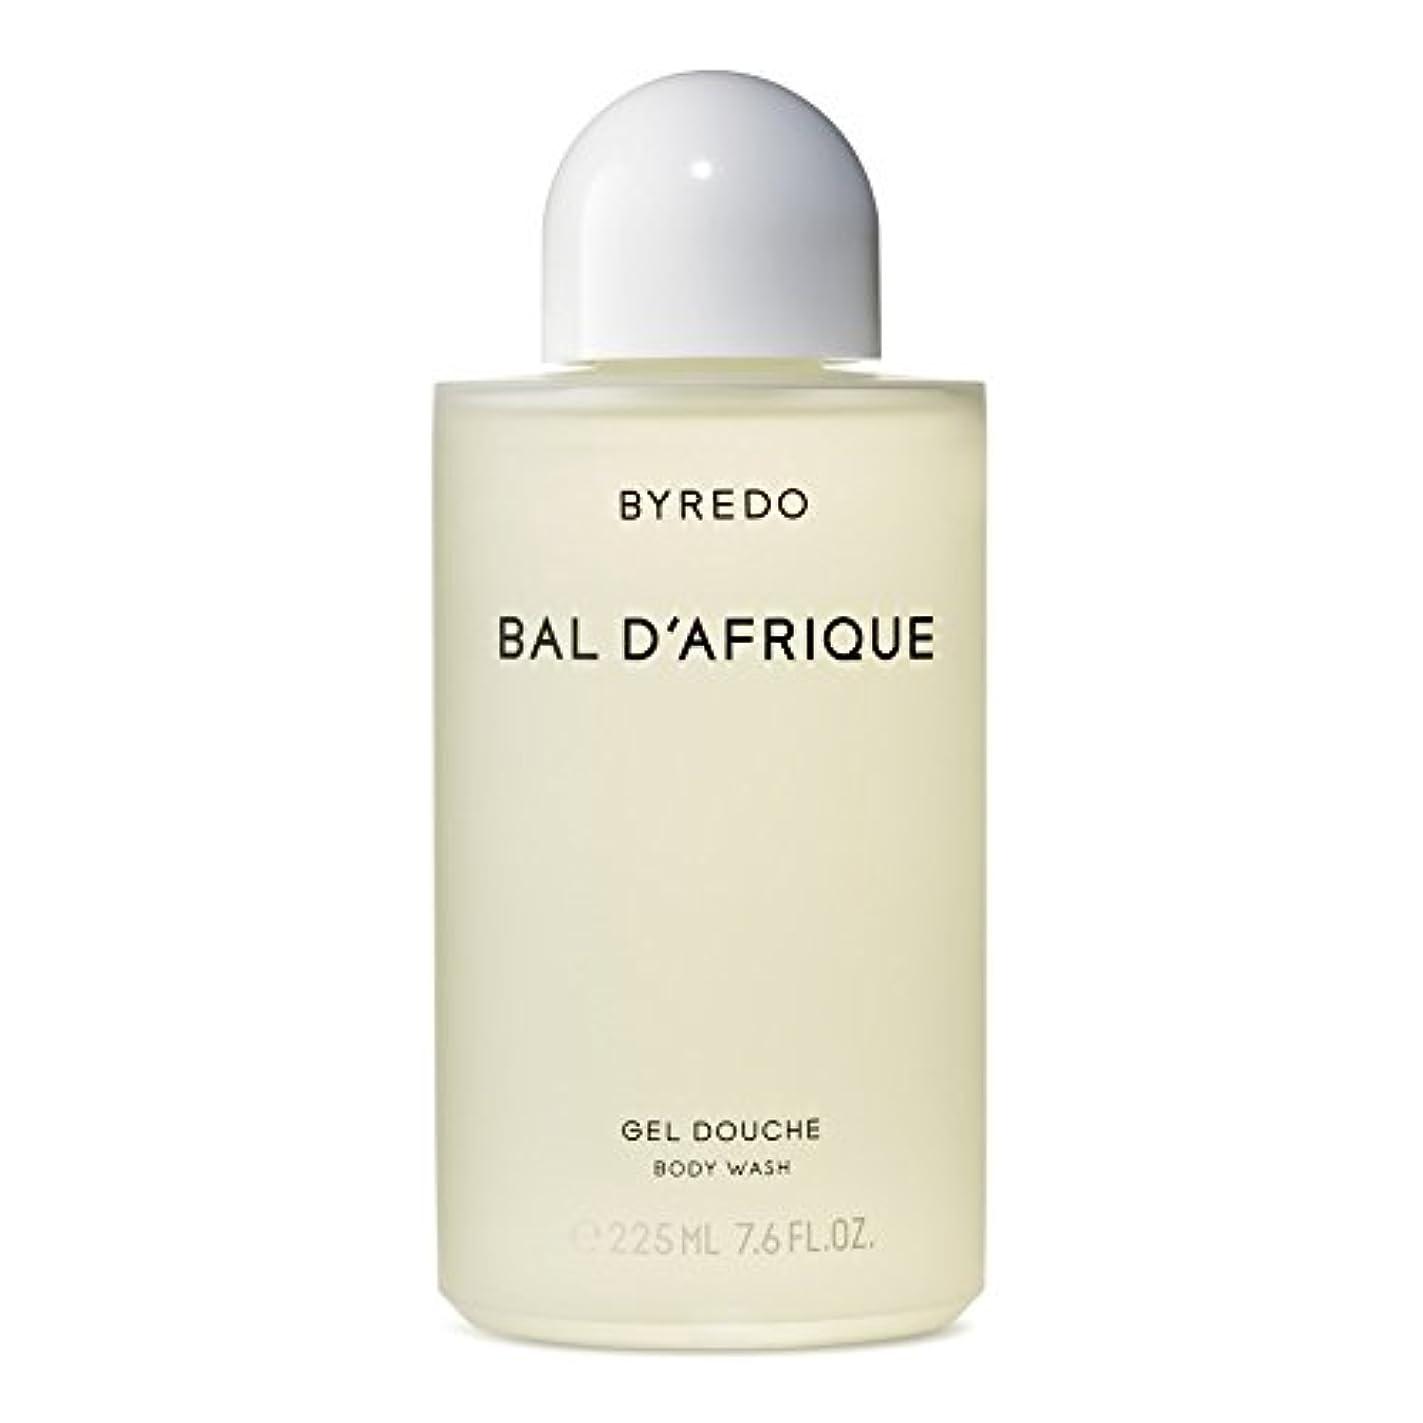 鑑定勤勉なアシスタントByredo Bal d'Afrique Body Wash 225ml (Pack of 6) - 'のボディウォッシュ225ミリリットル x6 [並行輸入品]